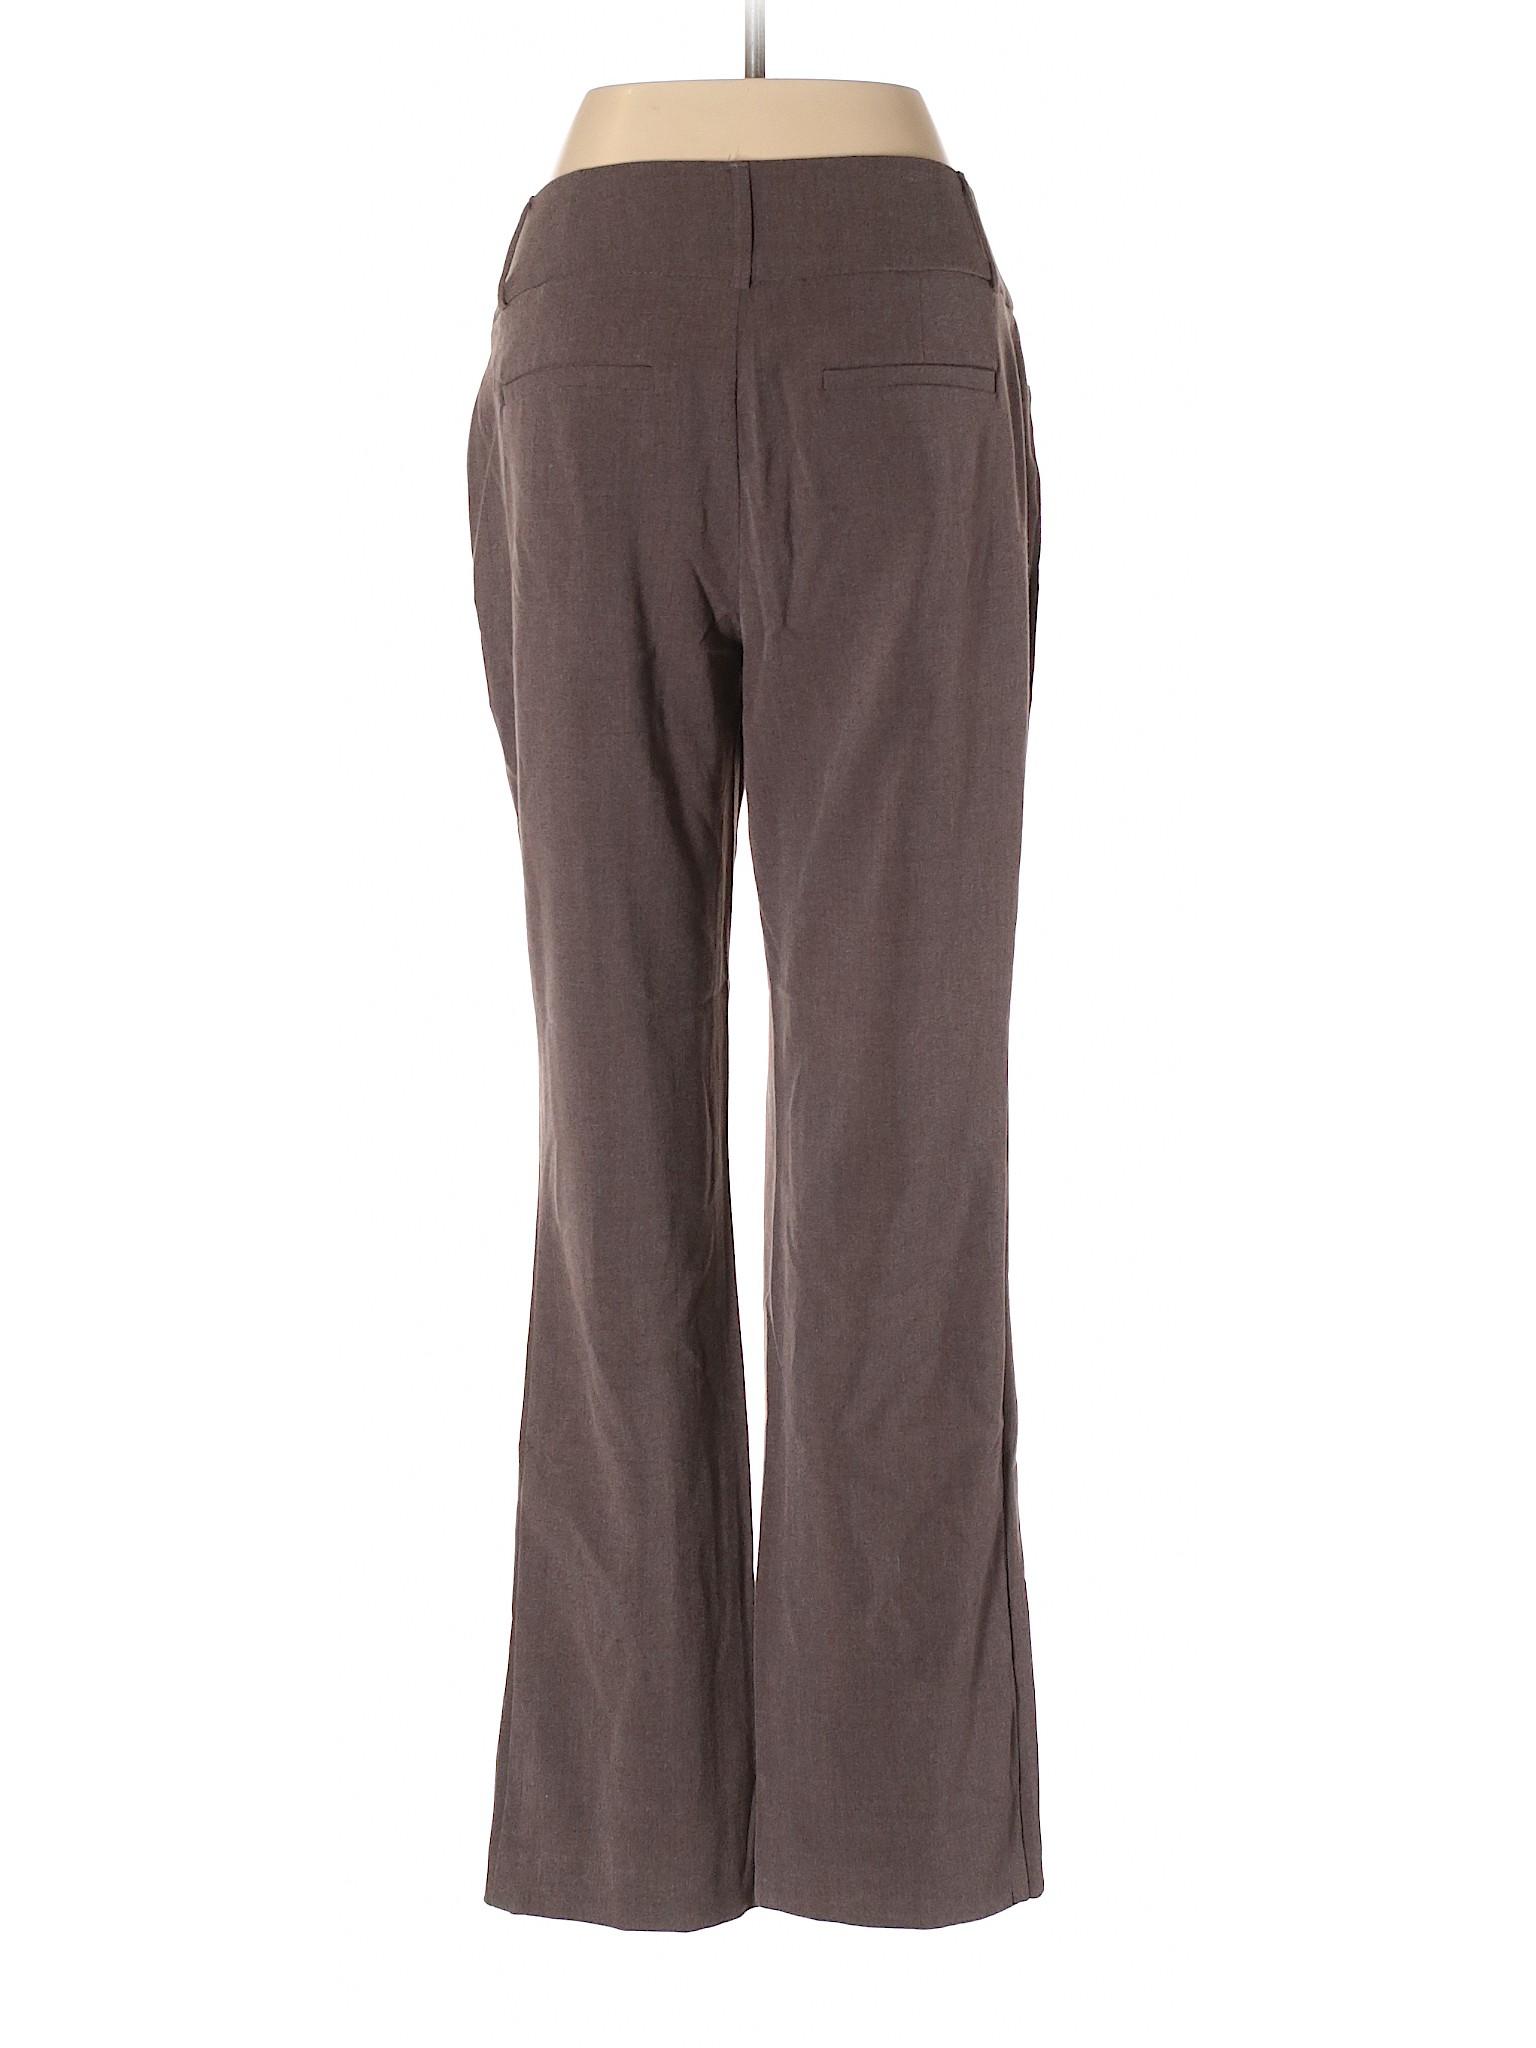 Boutique Dress winter Pants Apt 9 fC1qY